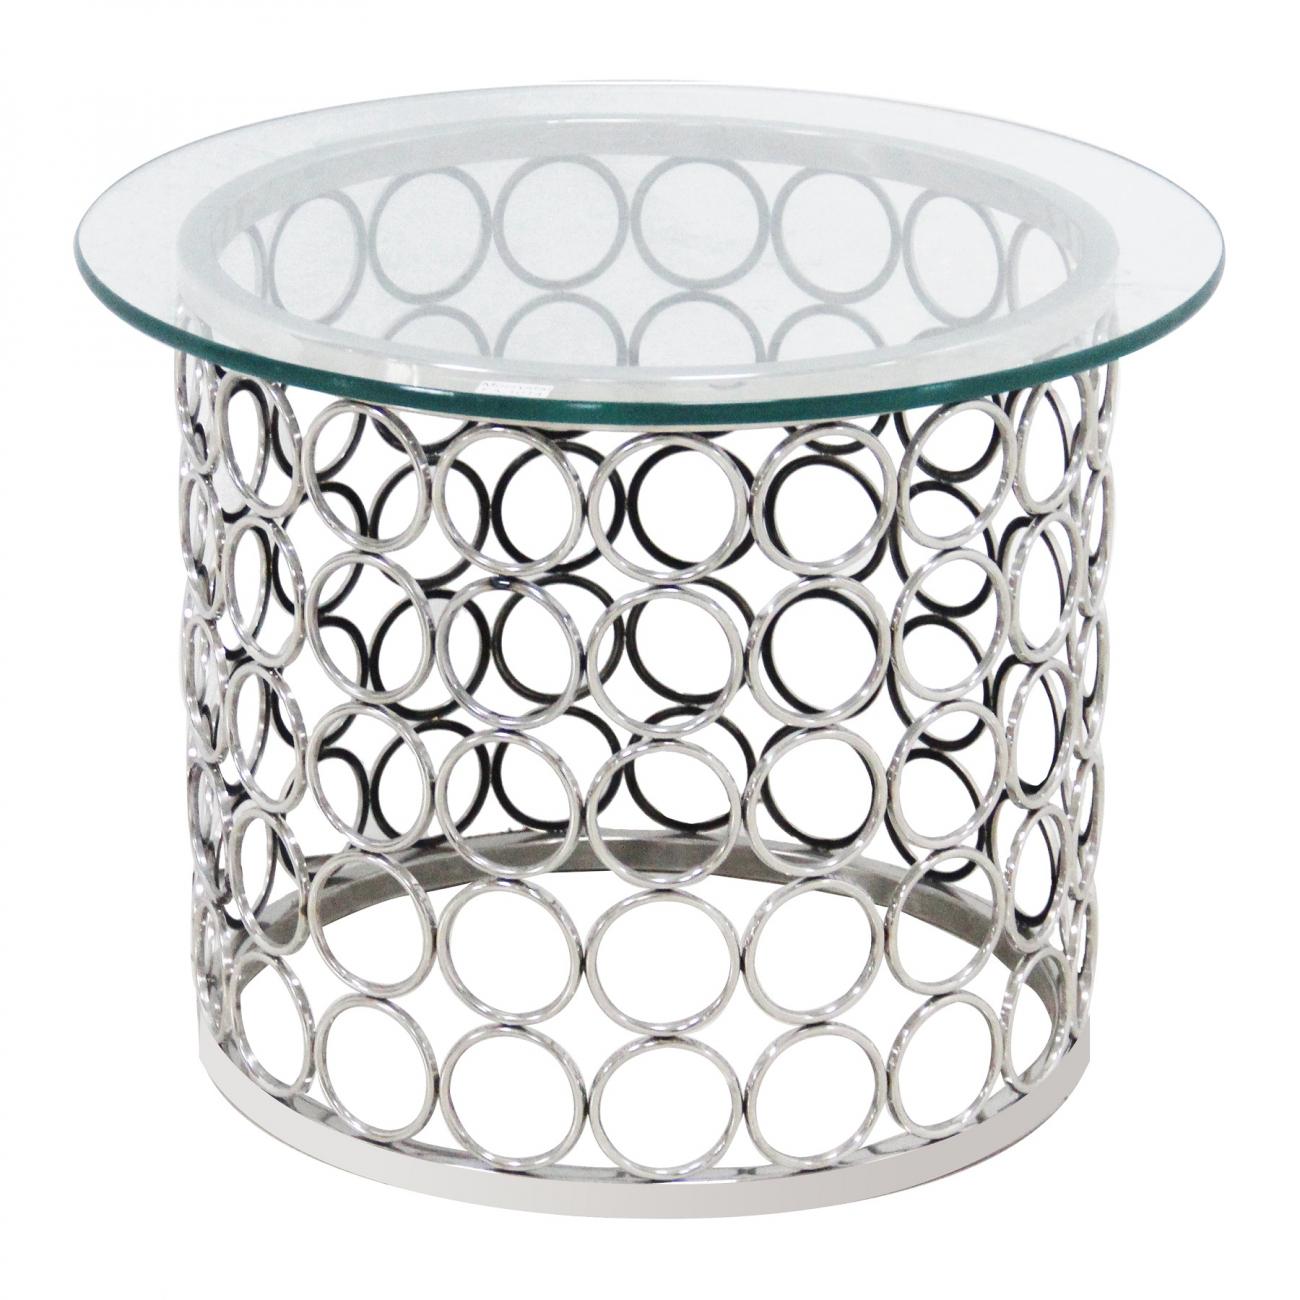 Купить Зеркальный кофейный столик Tempo в интернет магазине дизайнерской мебели и аксессуаров для дома и дачи